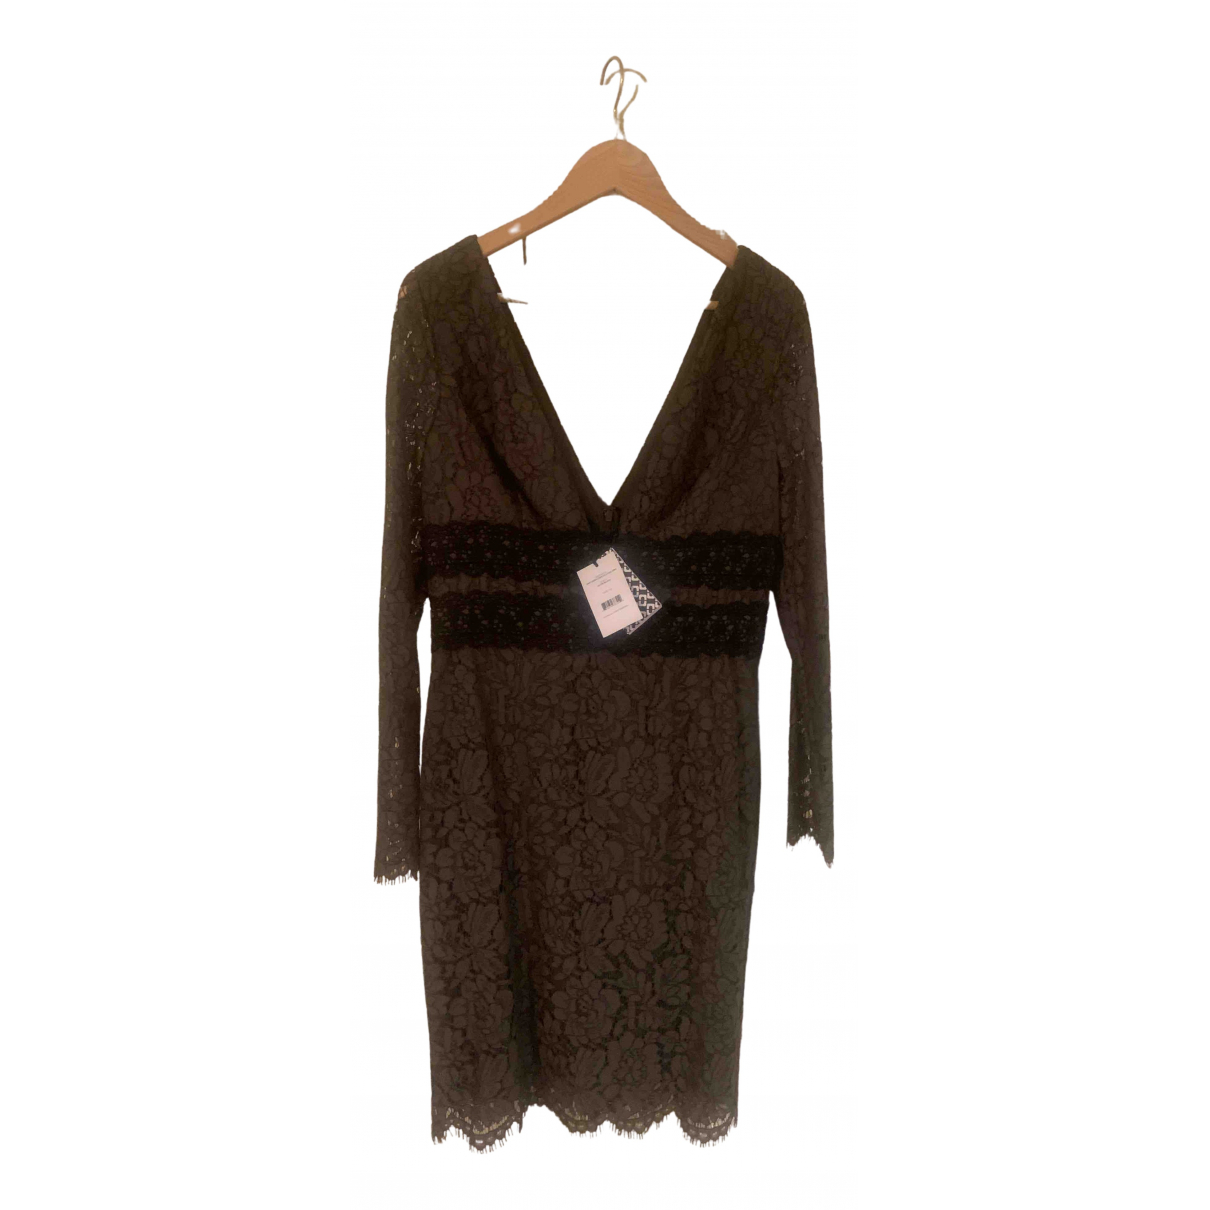 Diane Von Furstenberg \N Khaki Lace dress for Women 10 US